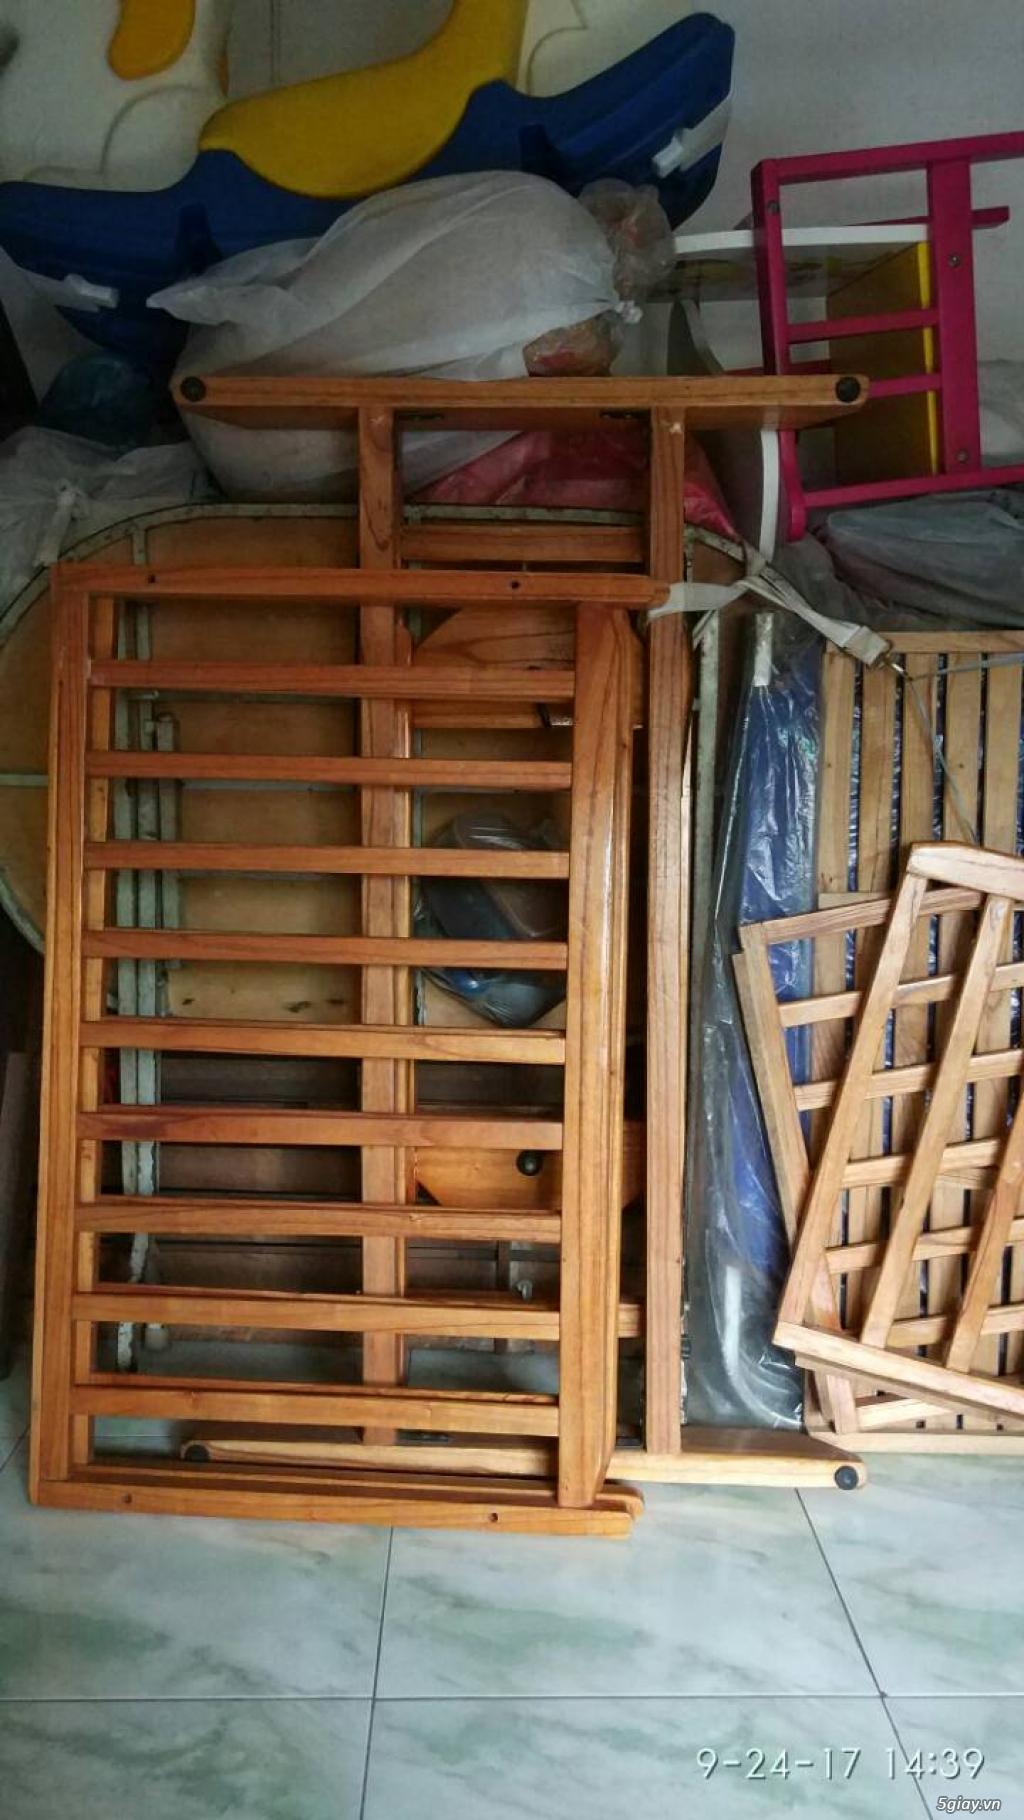 Thanh lý nôi gỗ đại 2 tầng tự động - 3